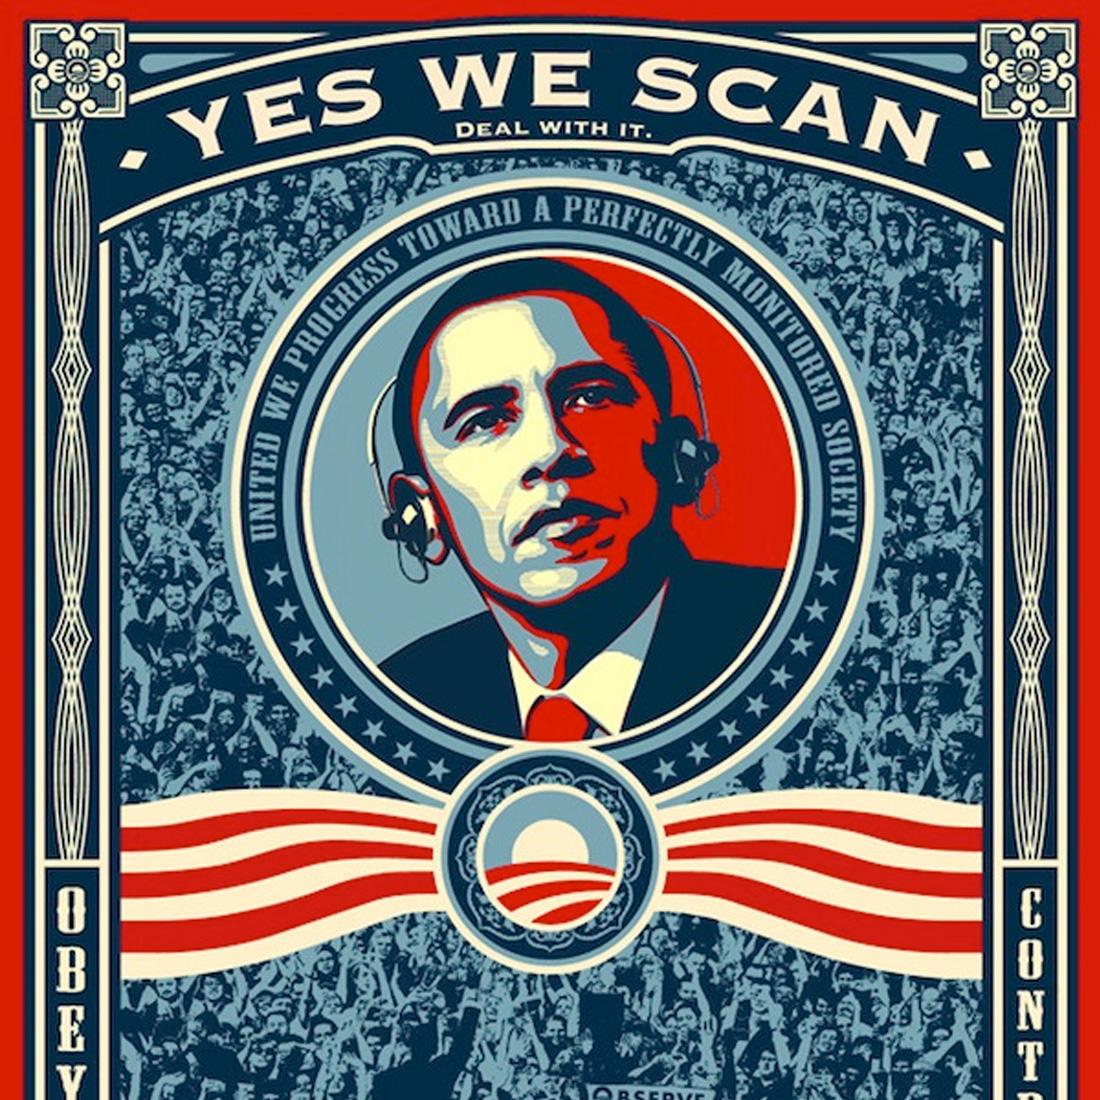 АНБ,NSA,США,слежка,шпионаж,интернет,Сноуден, Стали известны новые подробности работы АНБ в интернете